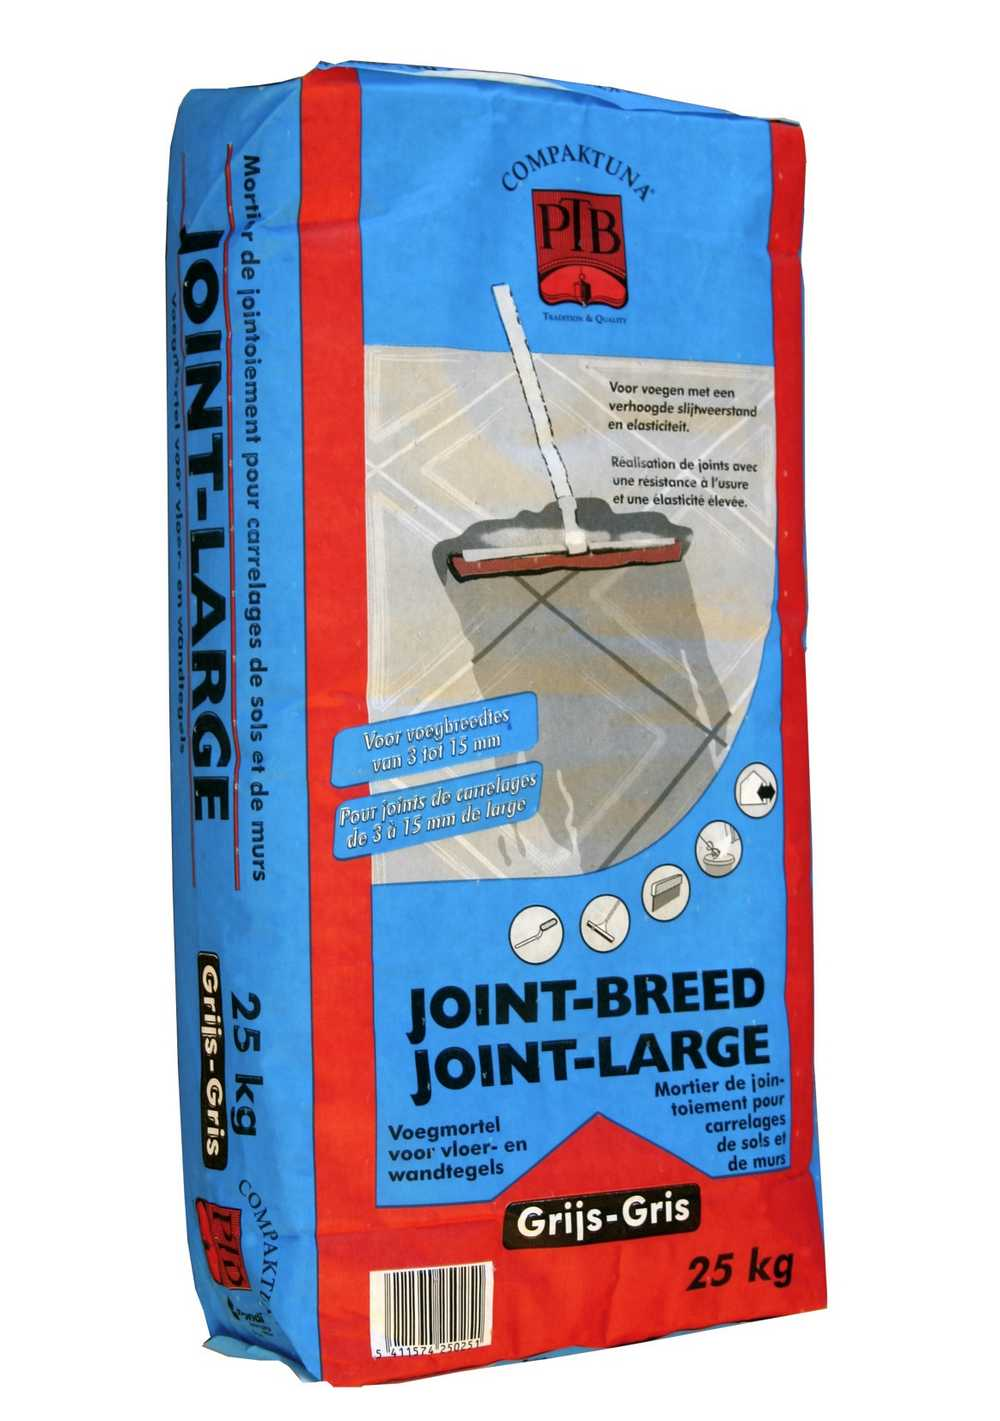 P.t.b.-joint-breed 25kg Beige